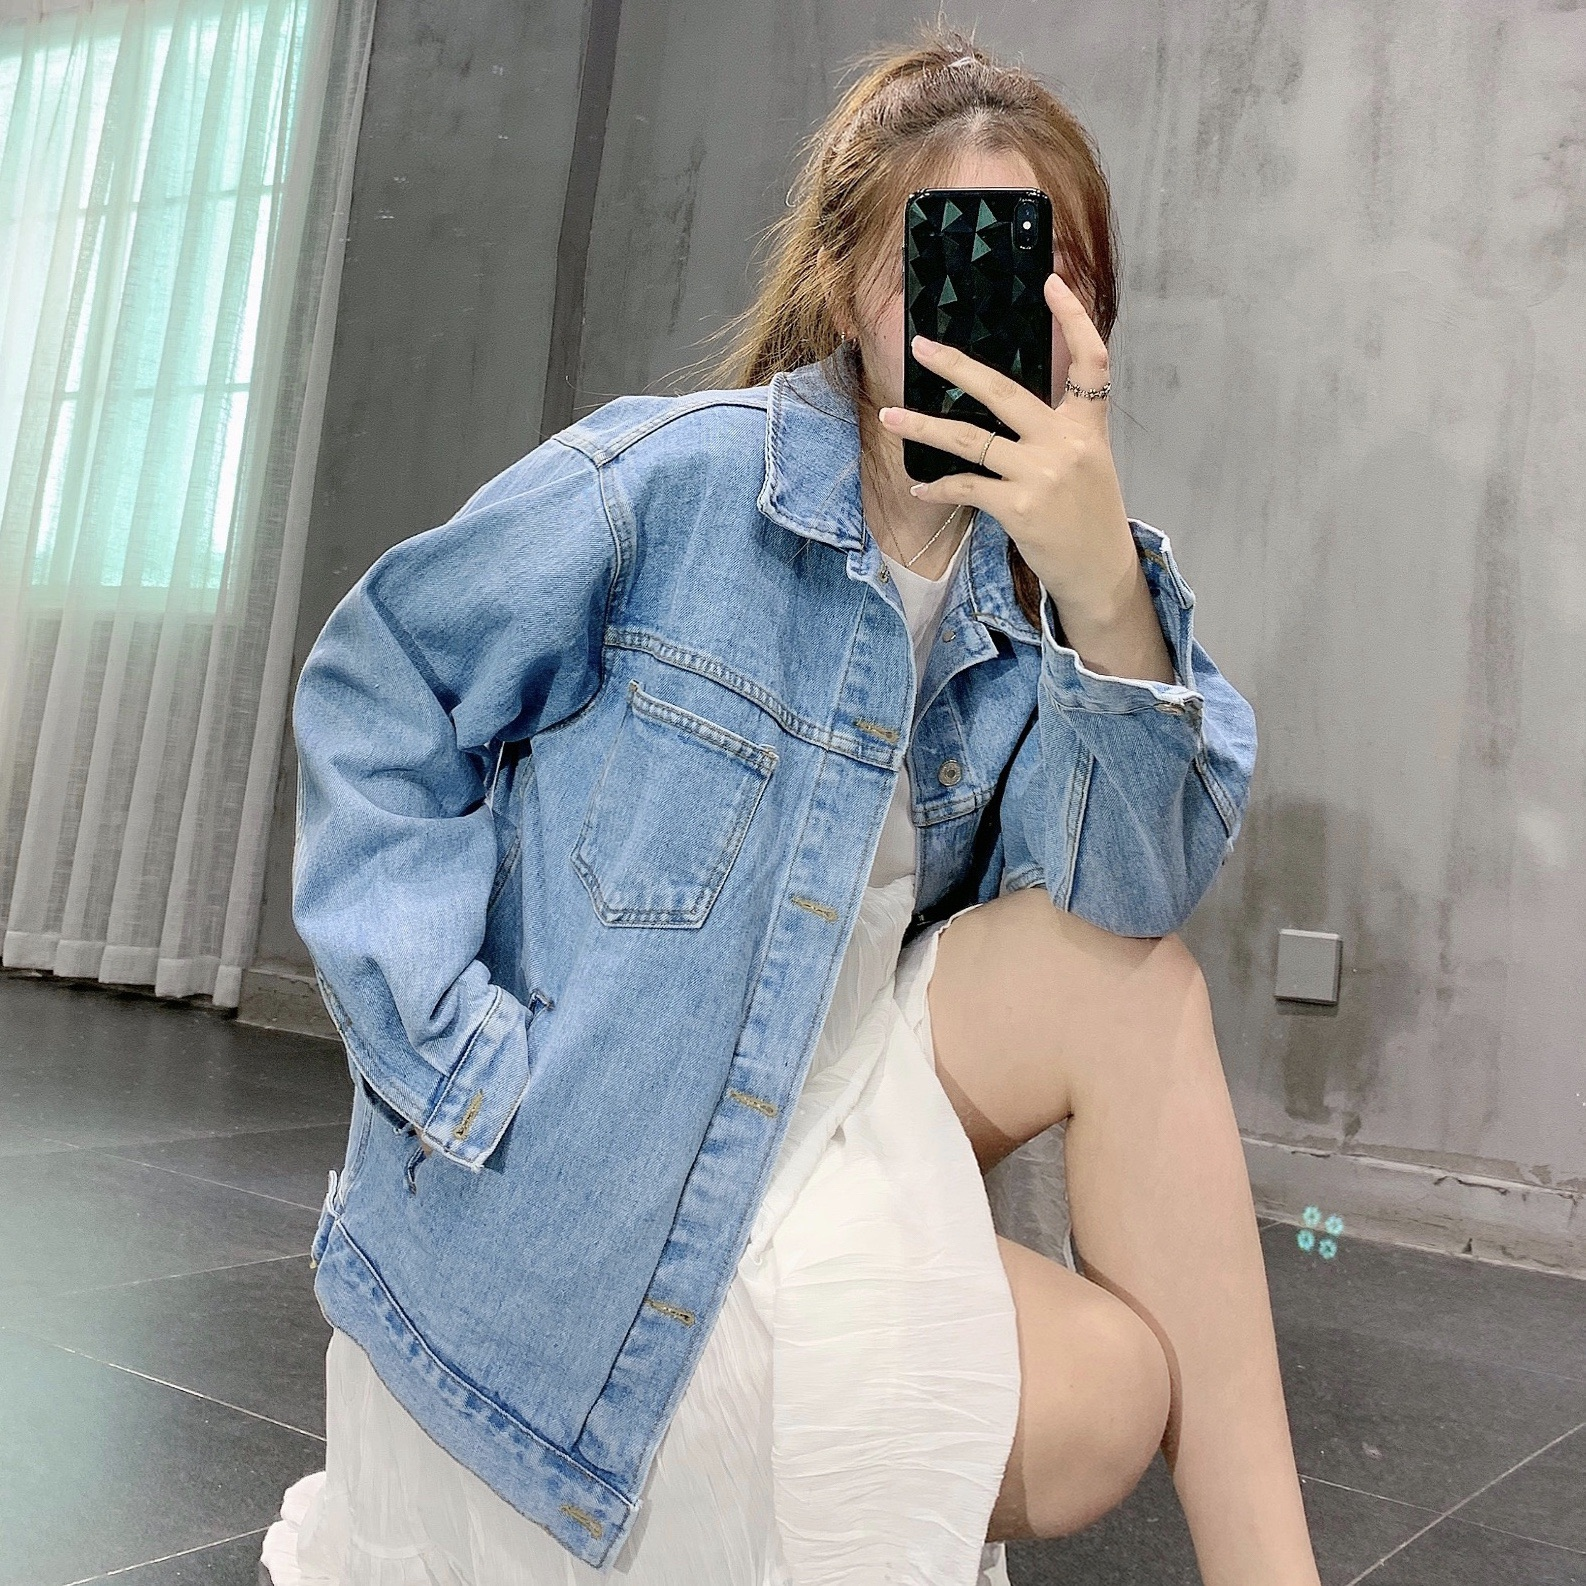 韩国代购东大门2020春新款女装宽松中长款bf男友风复古牛仔外套-牛仔世家-